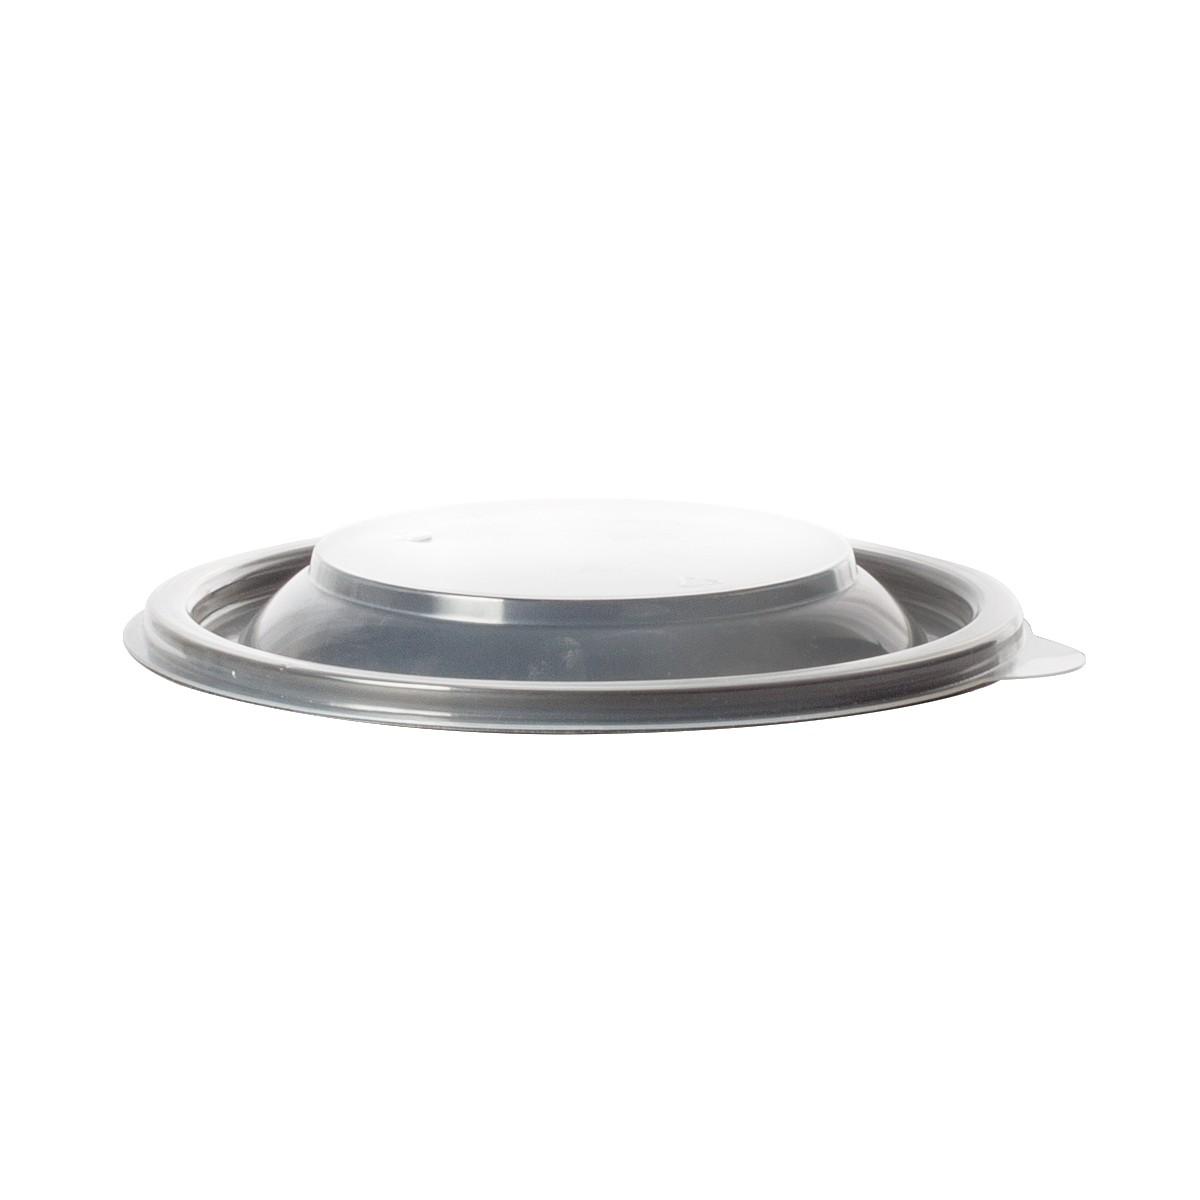 Couvercle plat pour Barquette COCOTTE Ronde 37.5 cl par 500